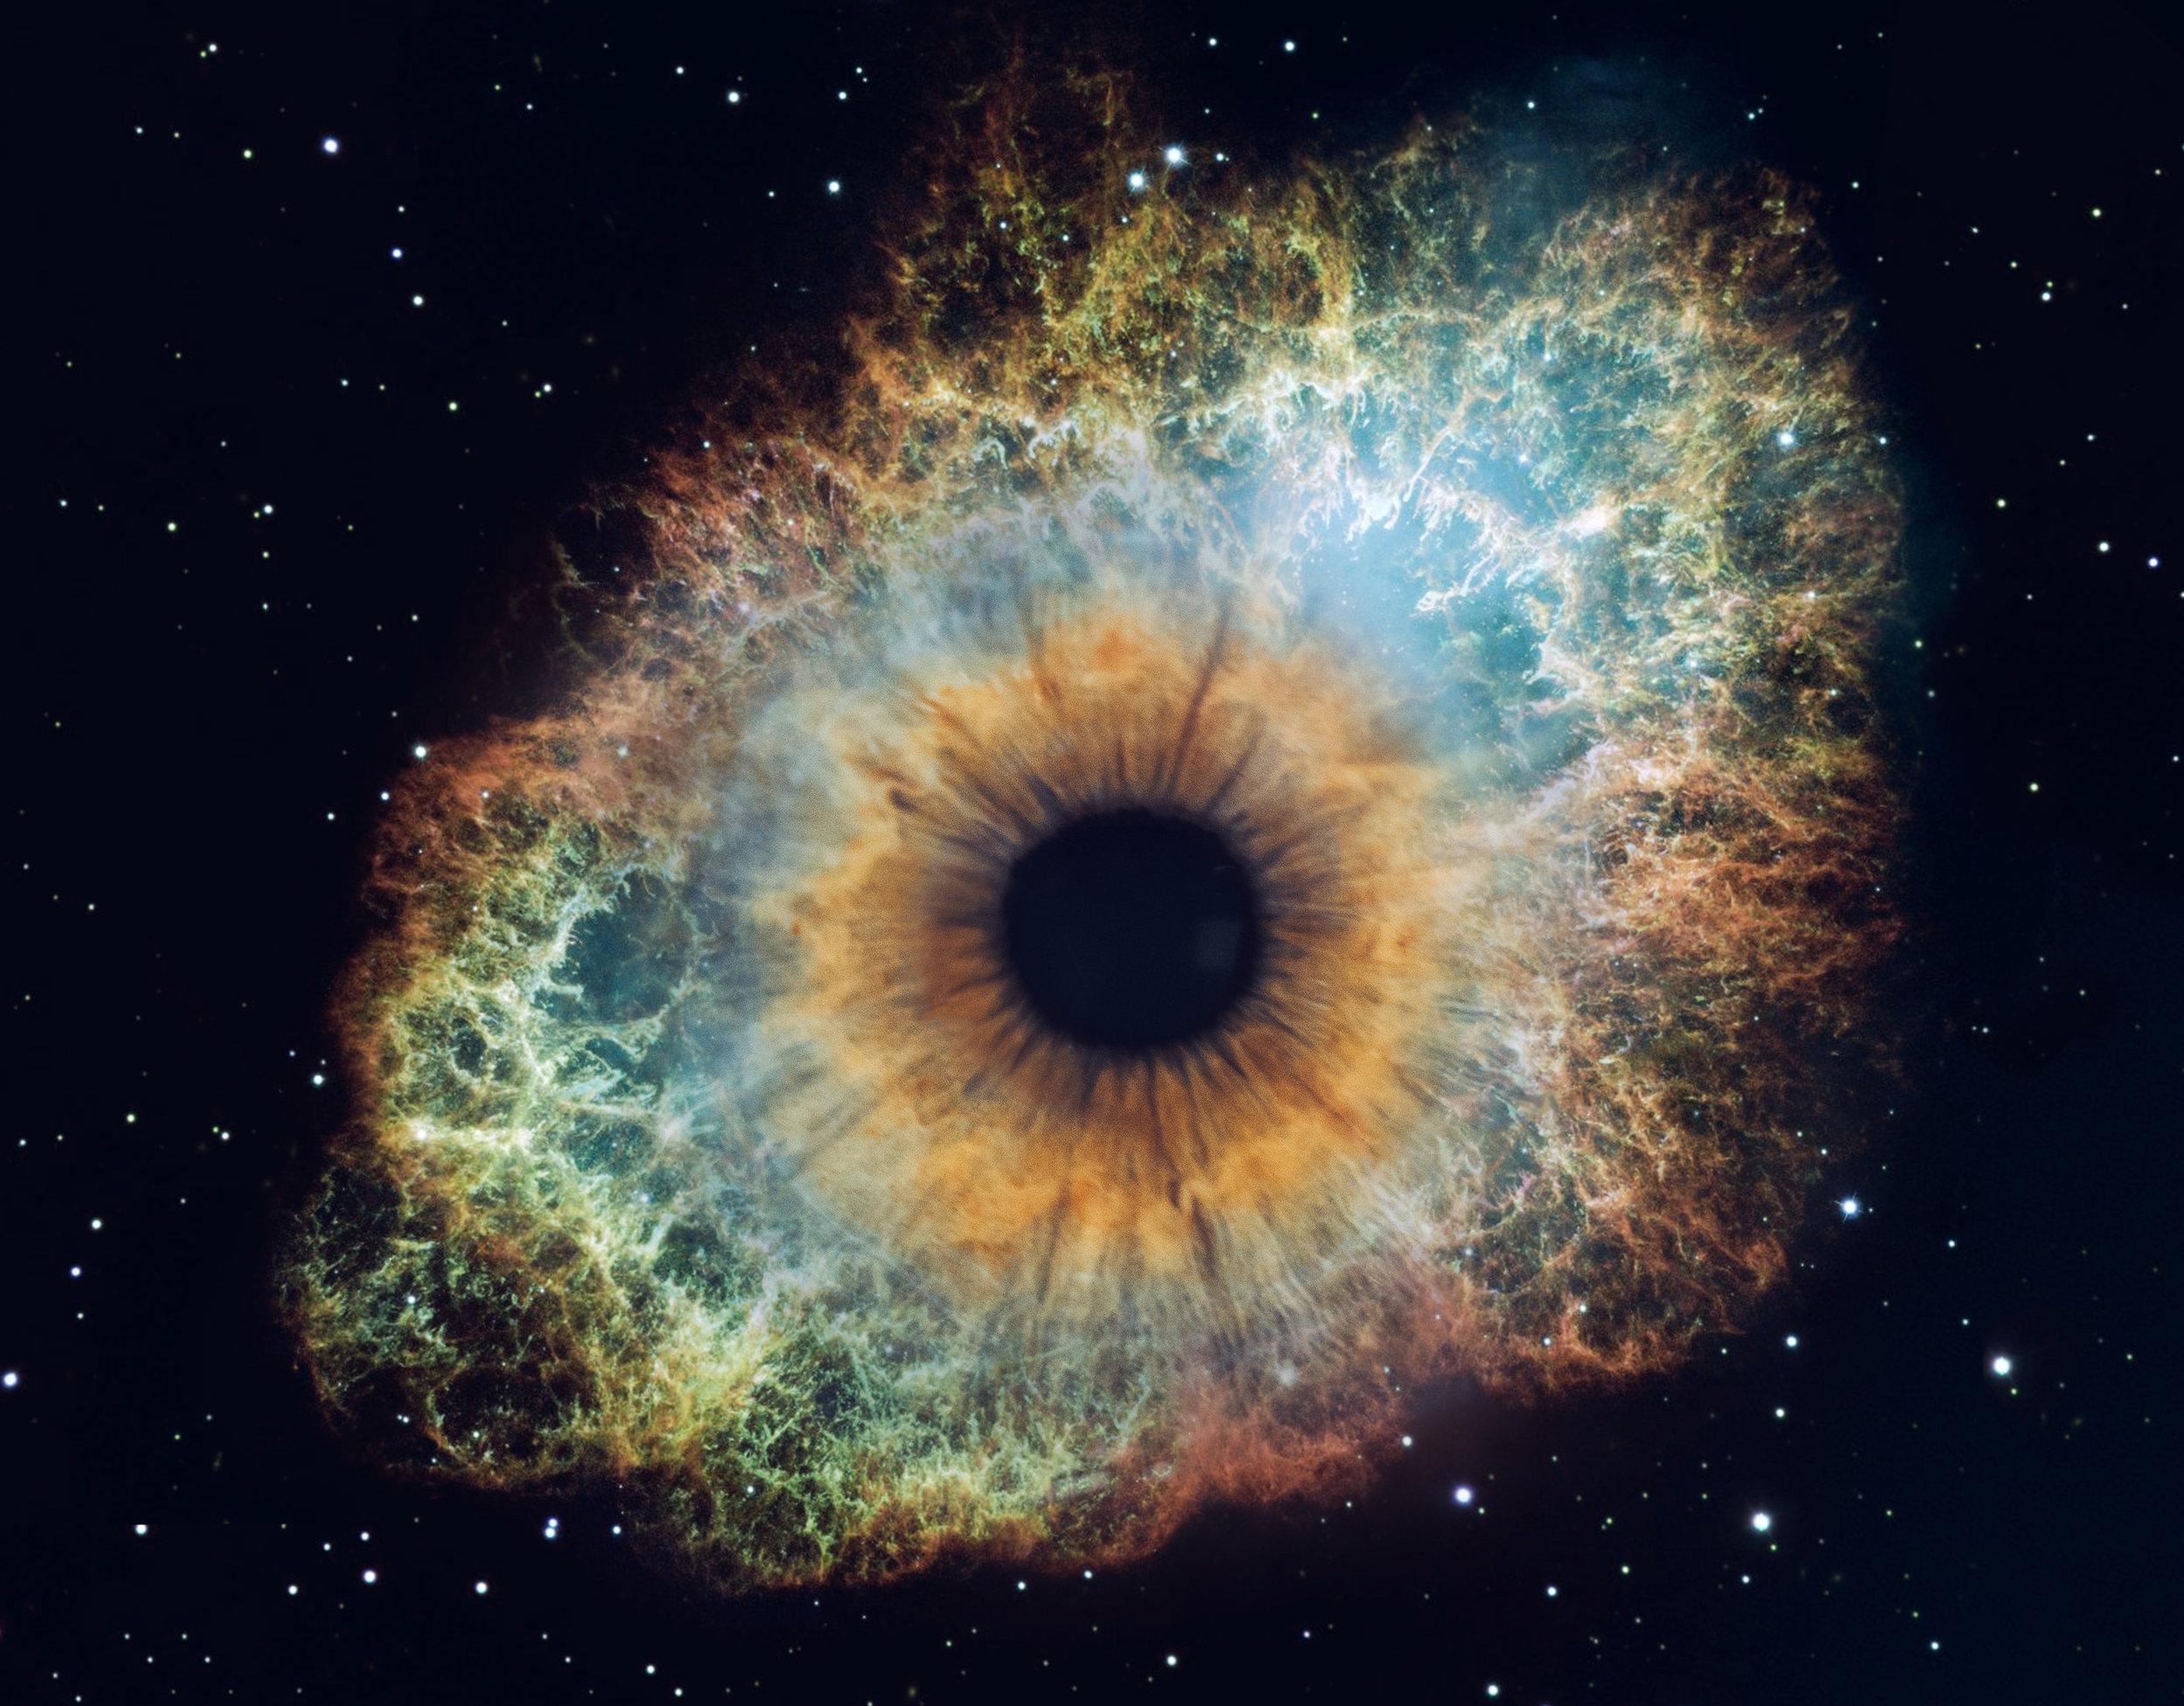 cosmic-eye-2-2.jpg